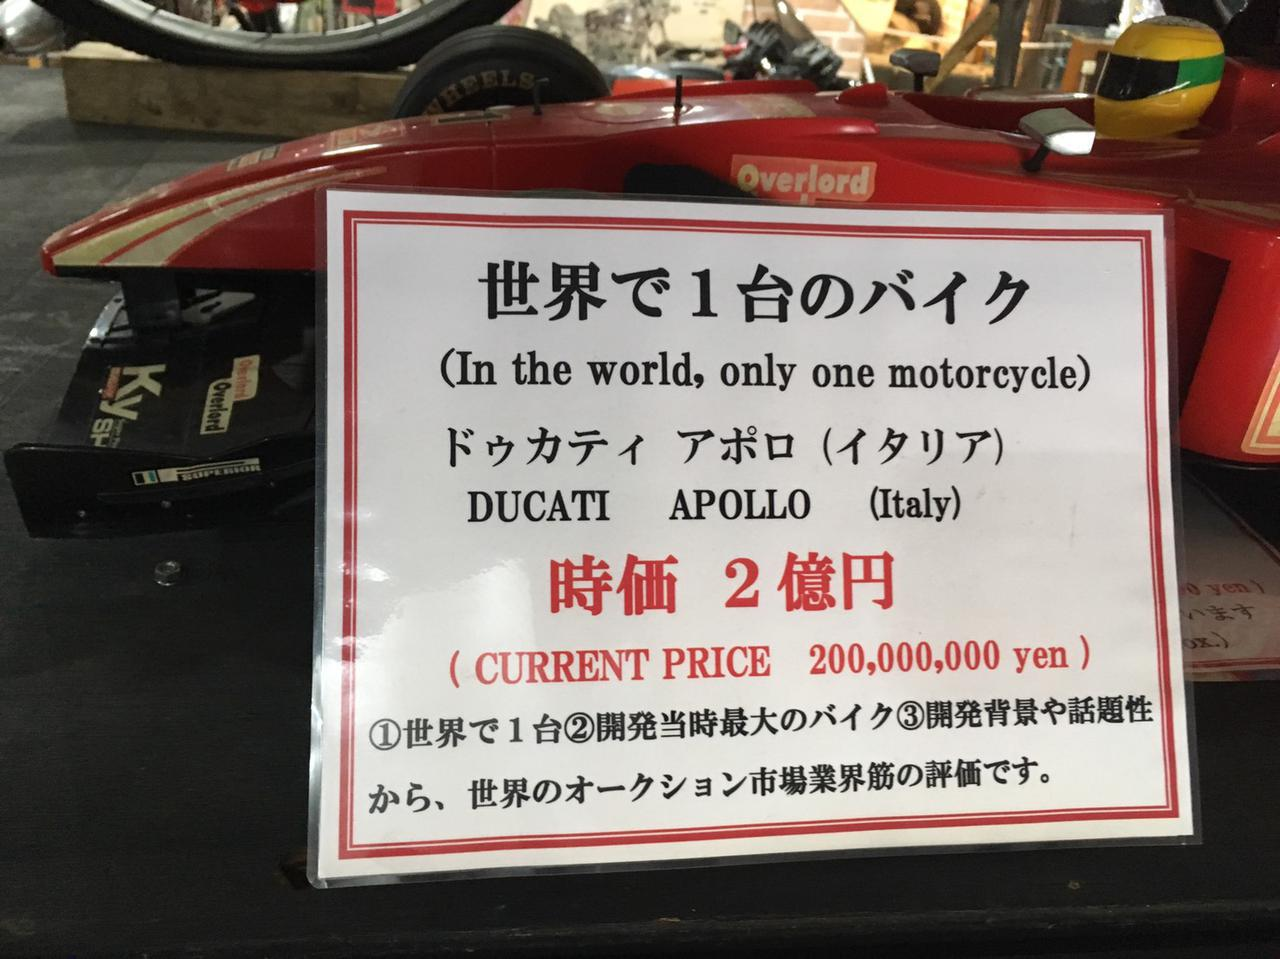 画像13: 福山理子の旅先潜入レポート! 大分県に眠る2億円のバイクとは? 湯布院の「岩下コレクション」へ【ツーリング紀行】